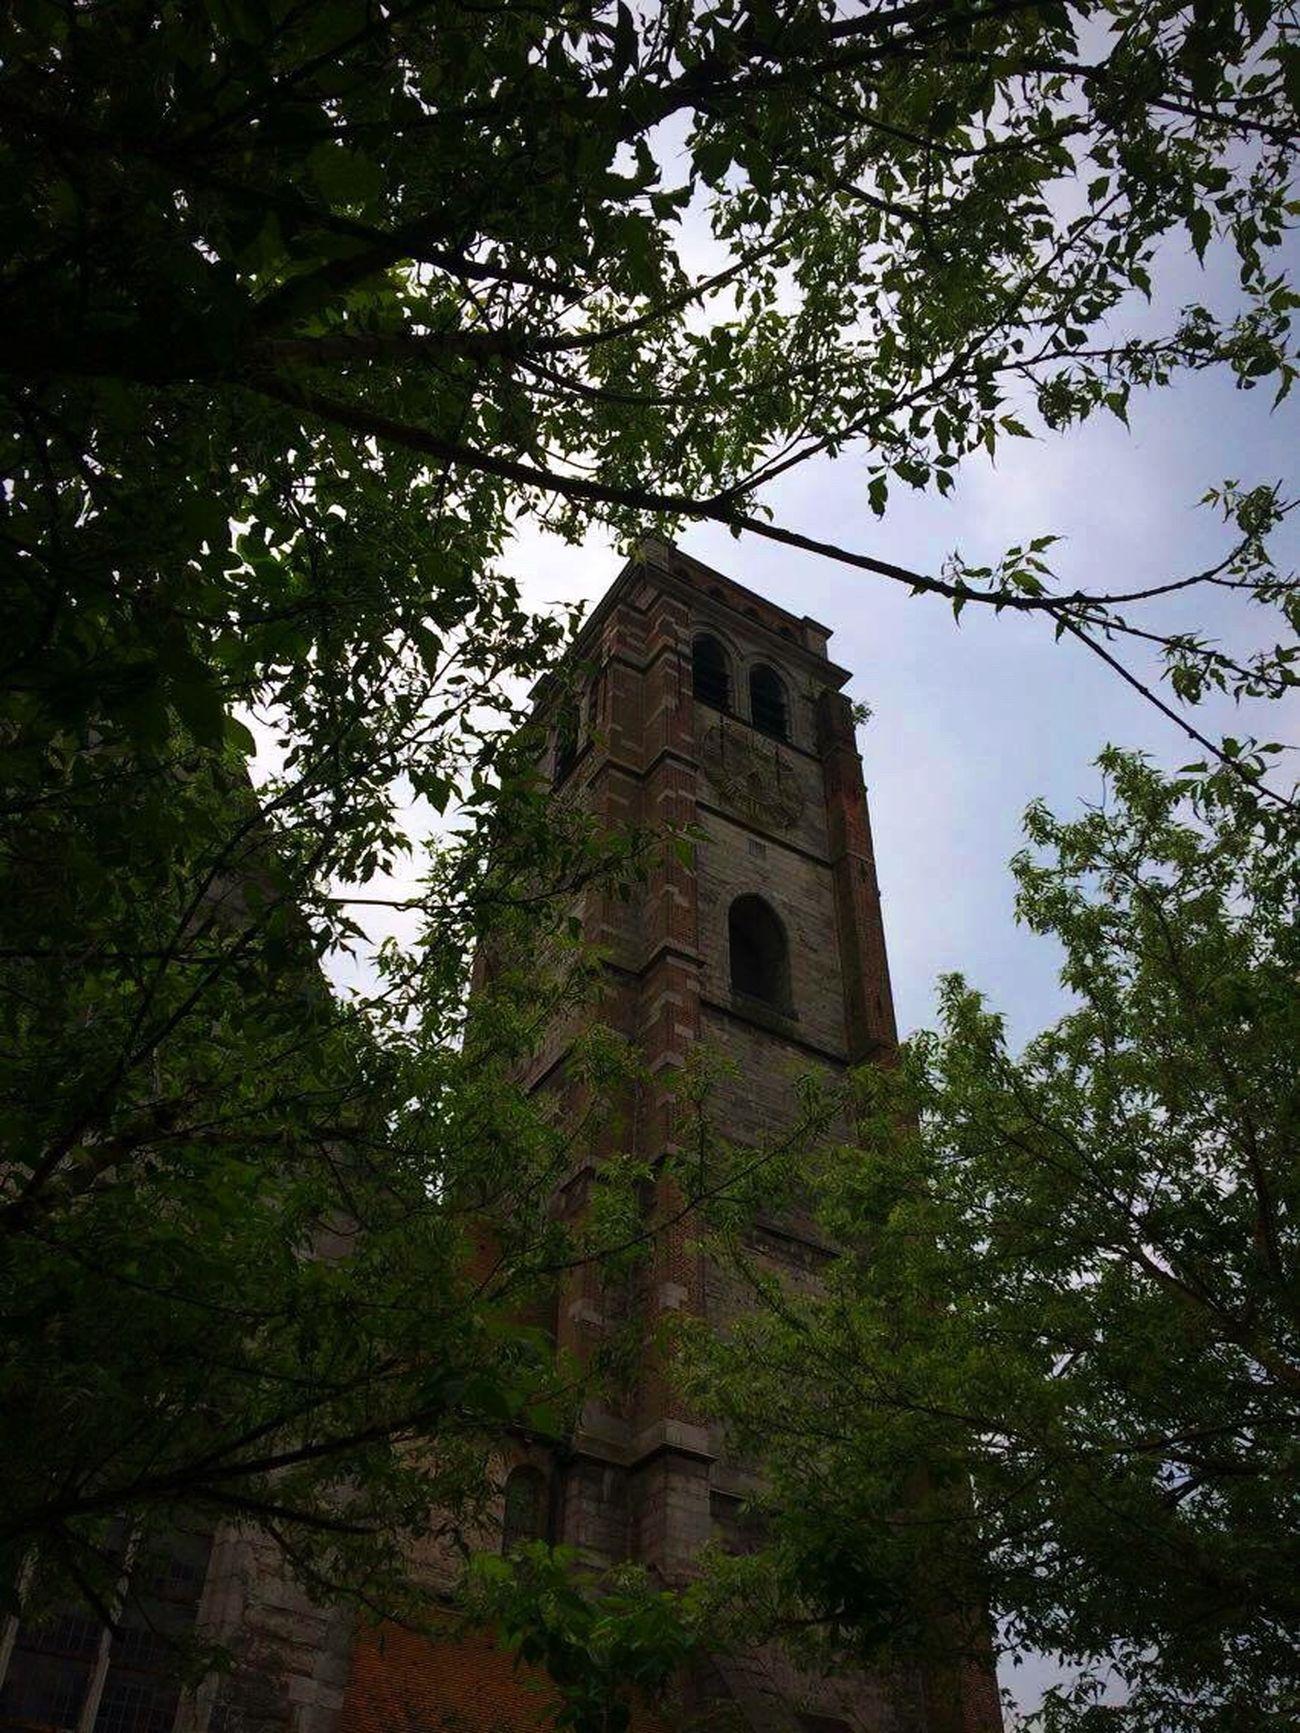 Belgium Belgique Tournai Nature Church Eglise Trees Architecture